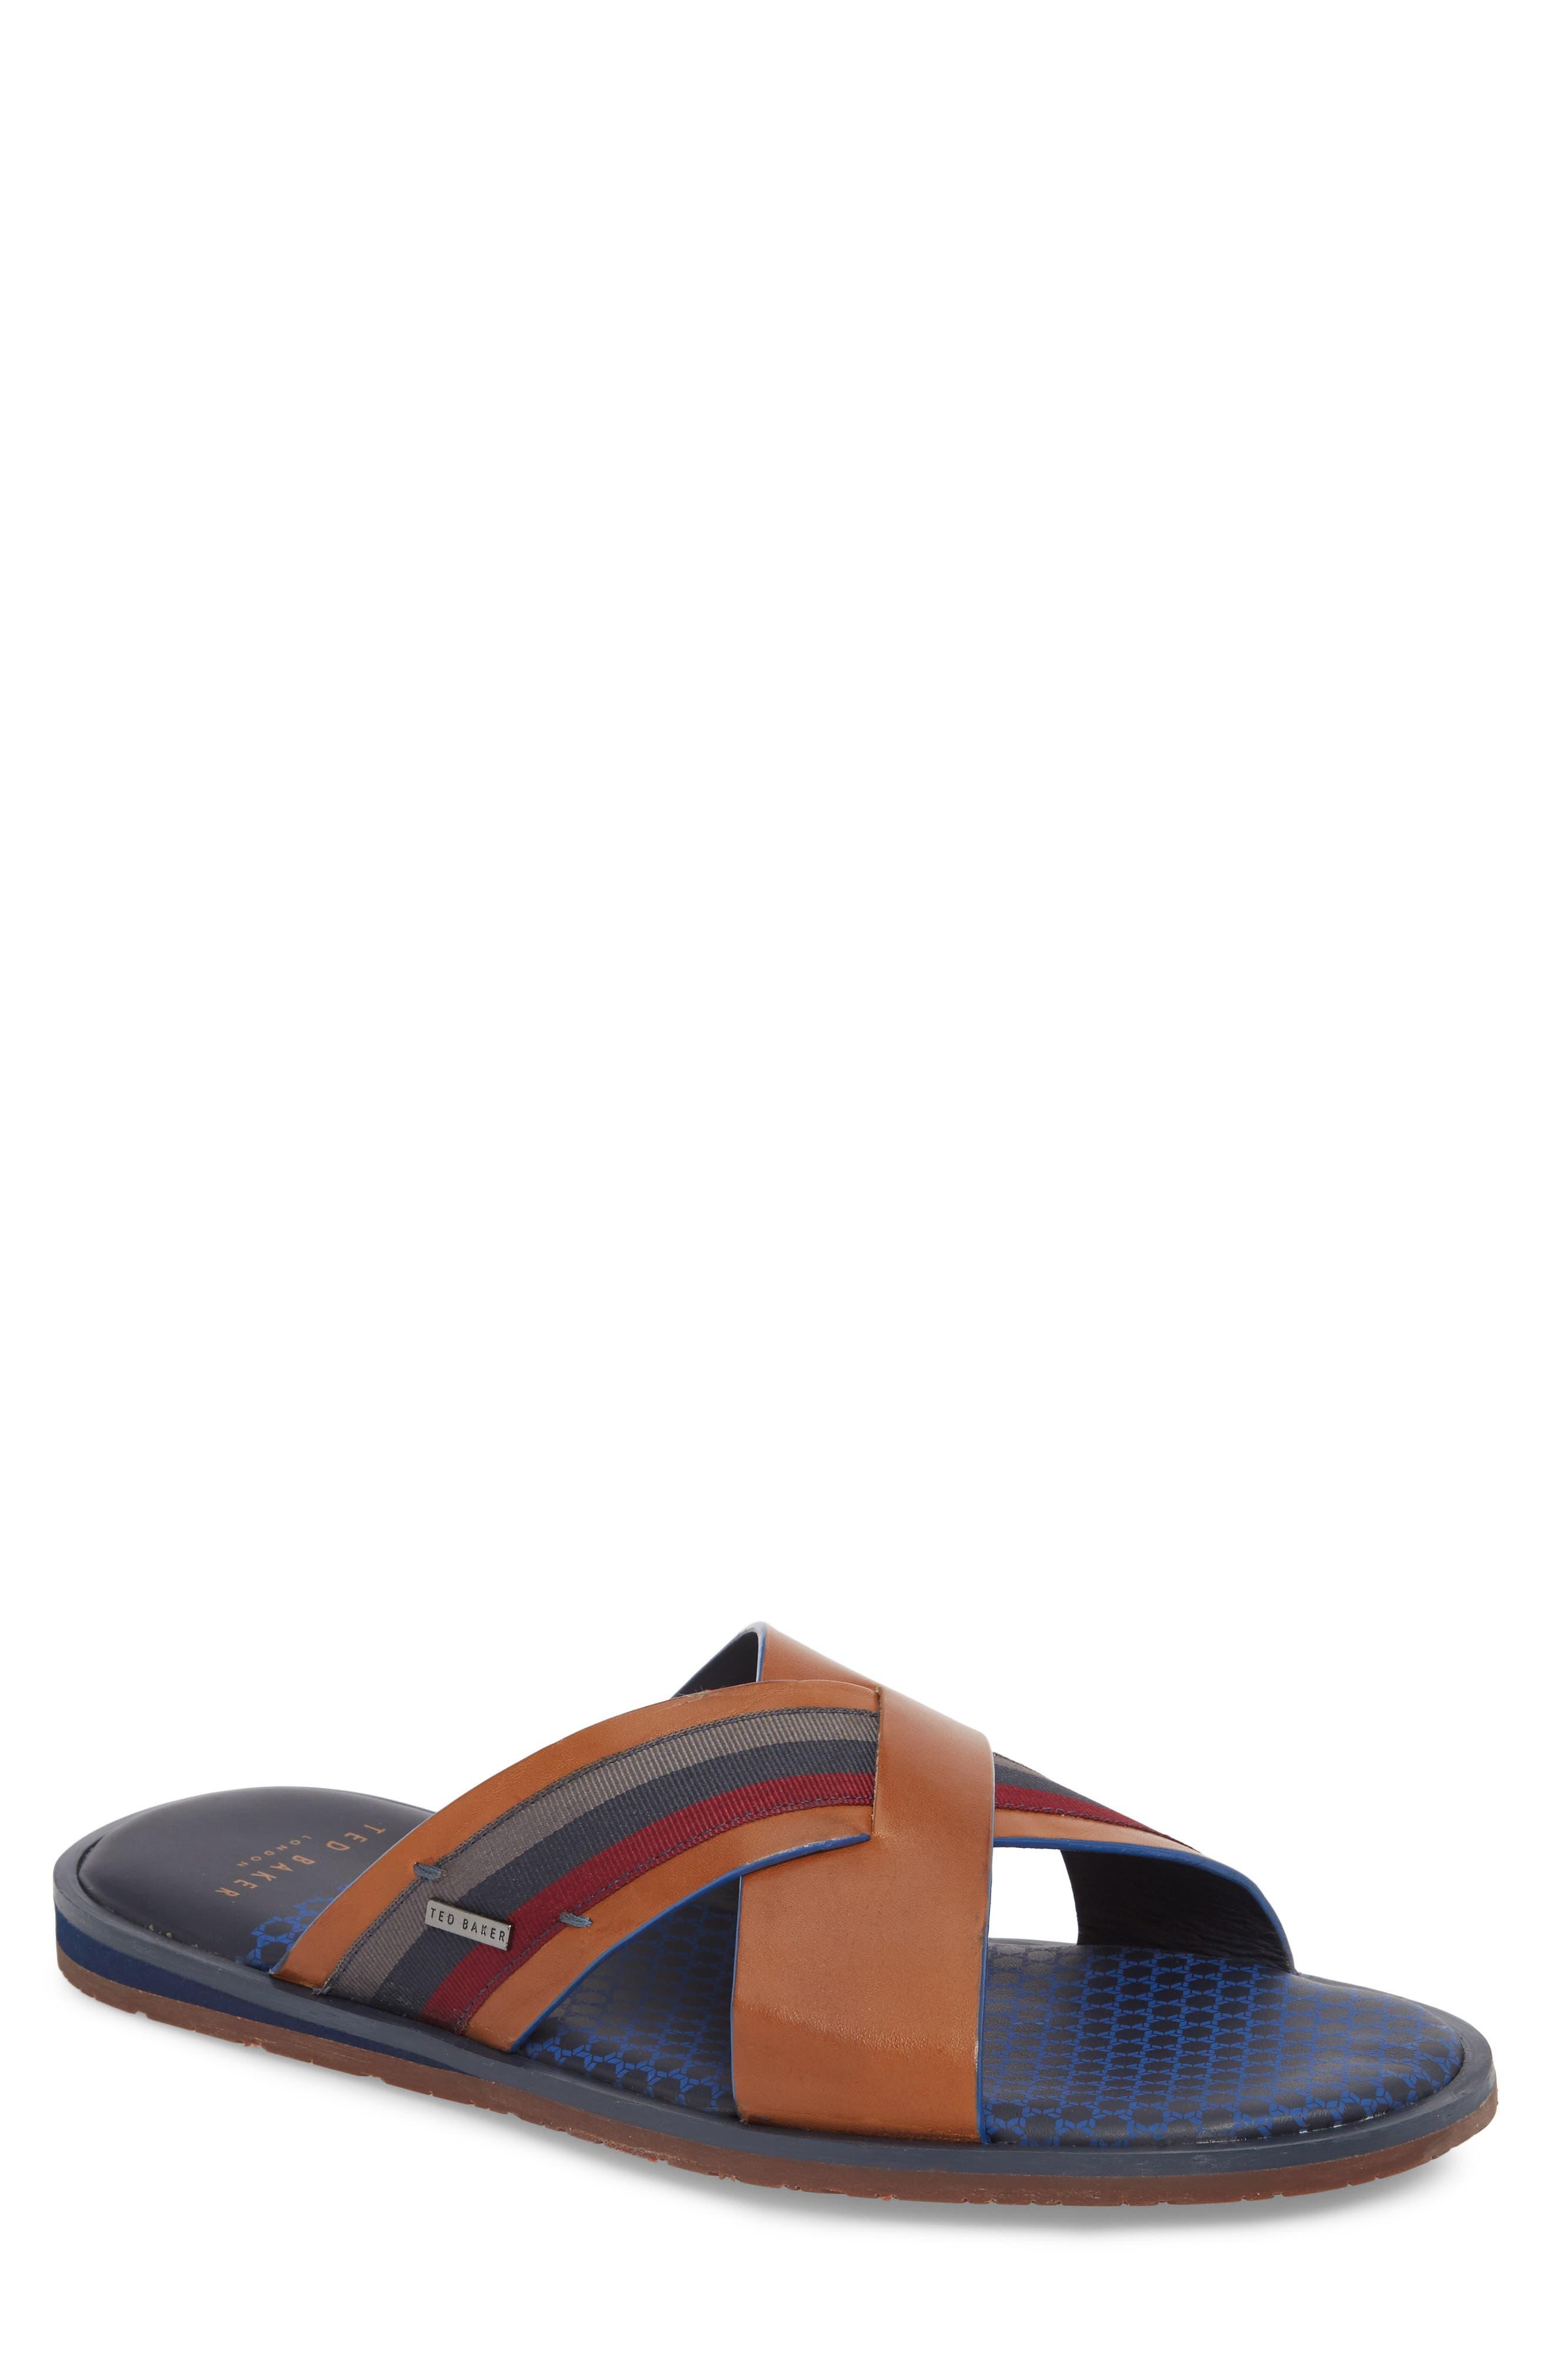 Farrull Cross Strap Slide Sandal,                             Main thumbnail 1, color,                             Tan Leather/ Textile